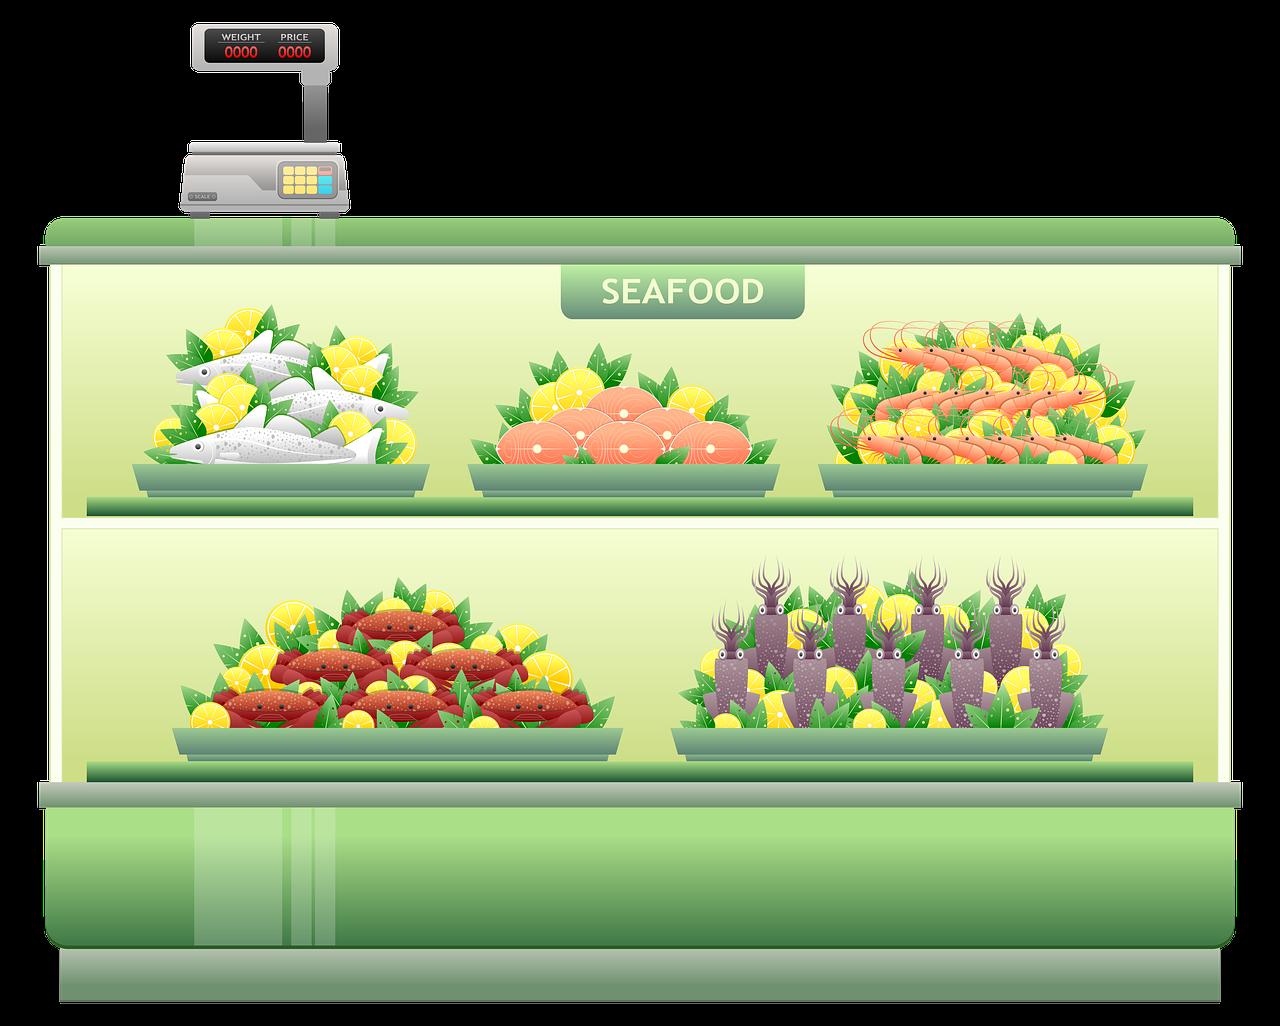 cartoon image of seafood shelf